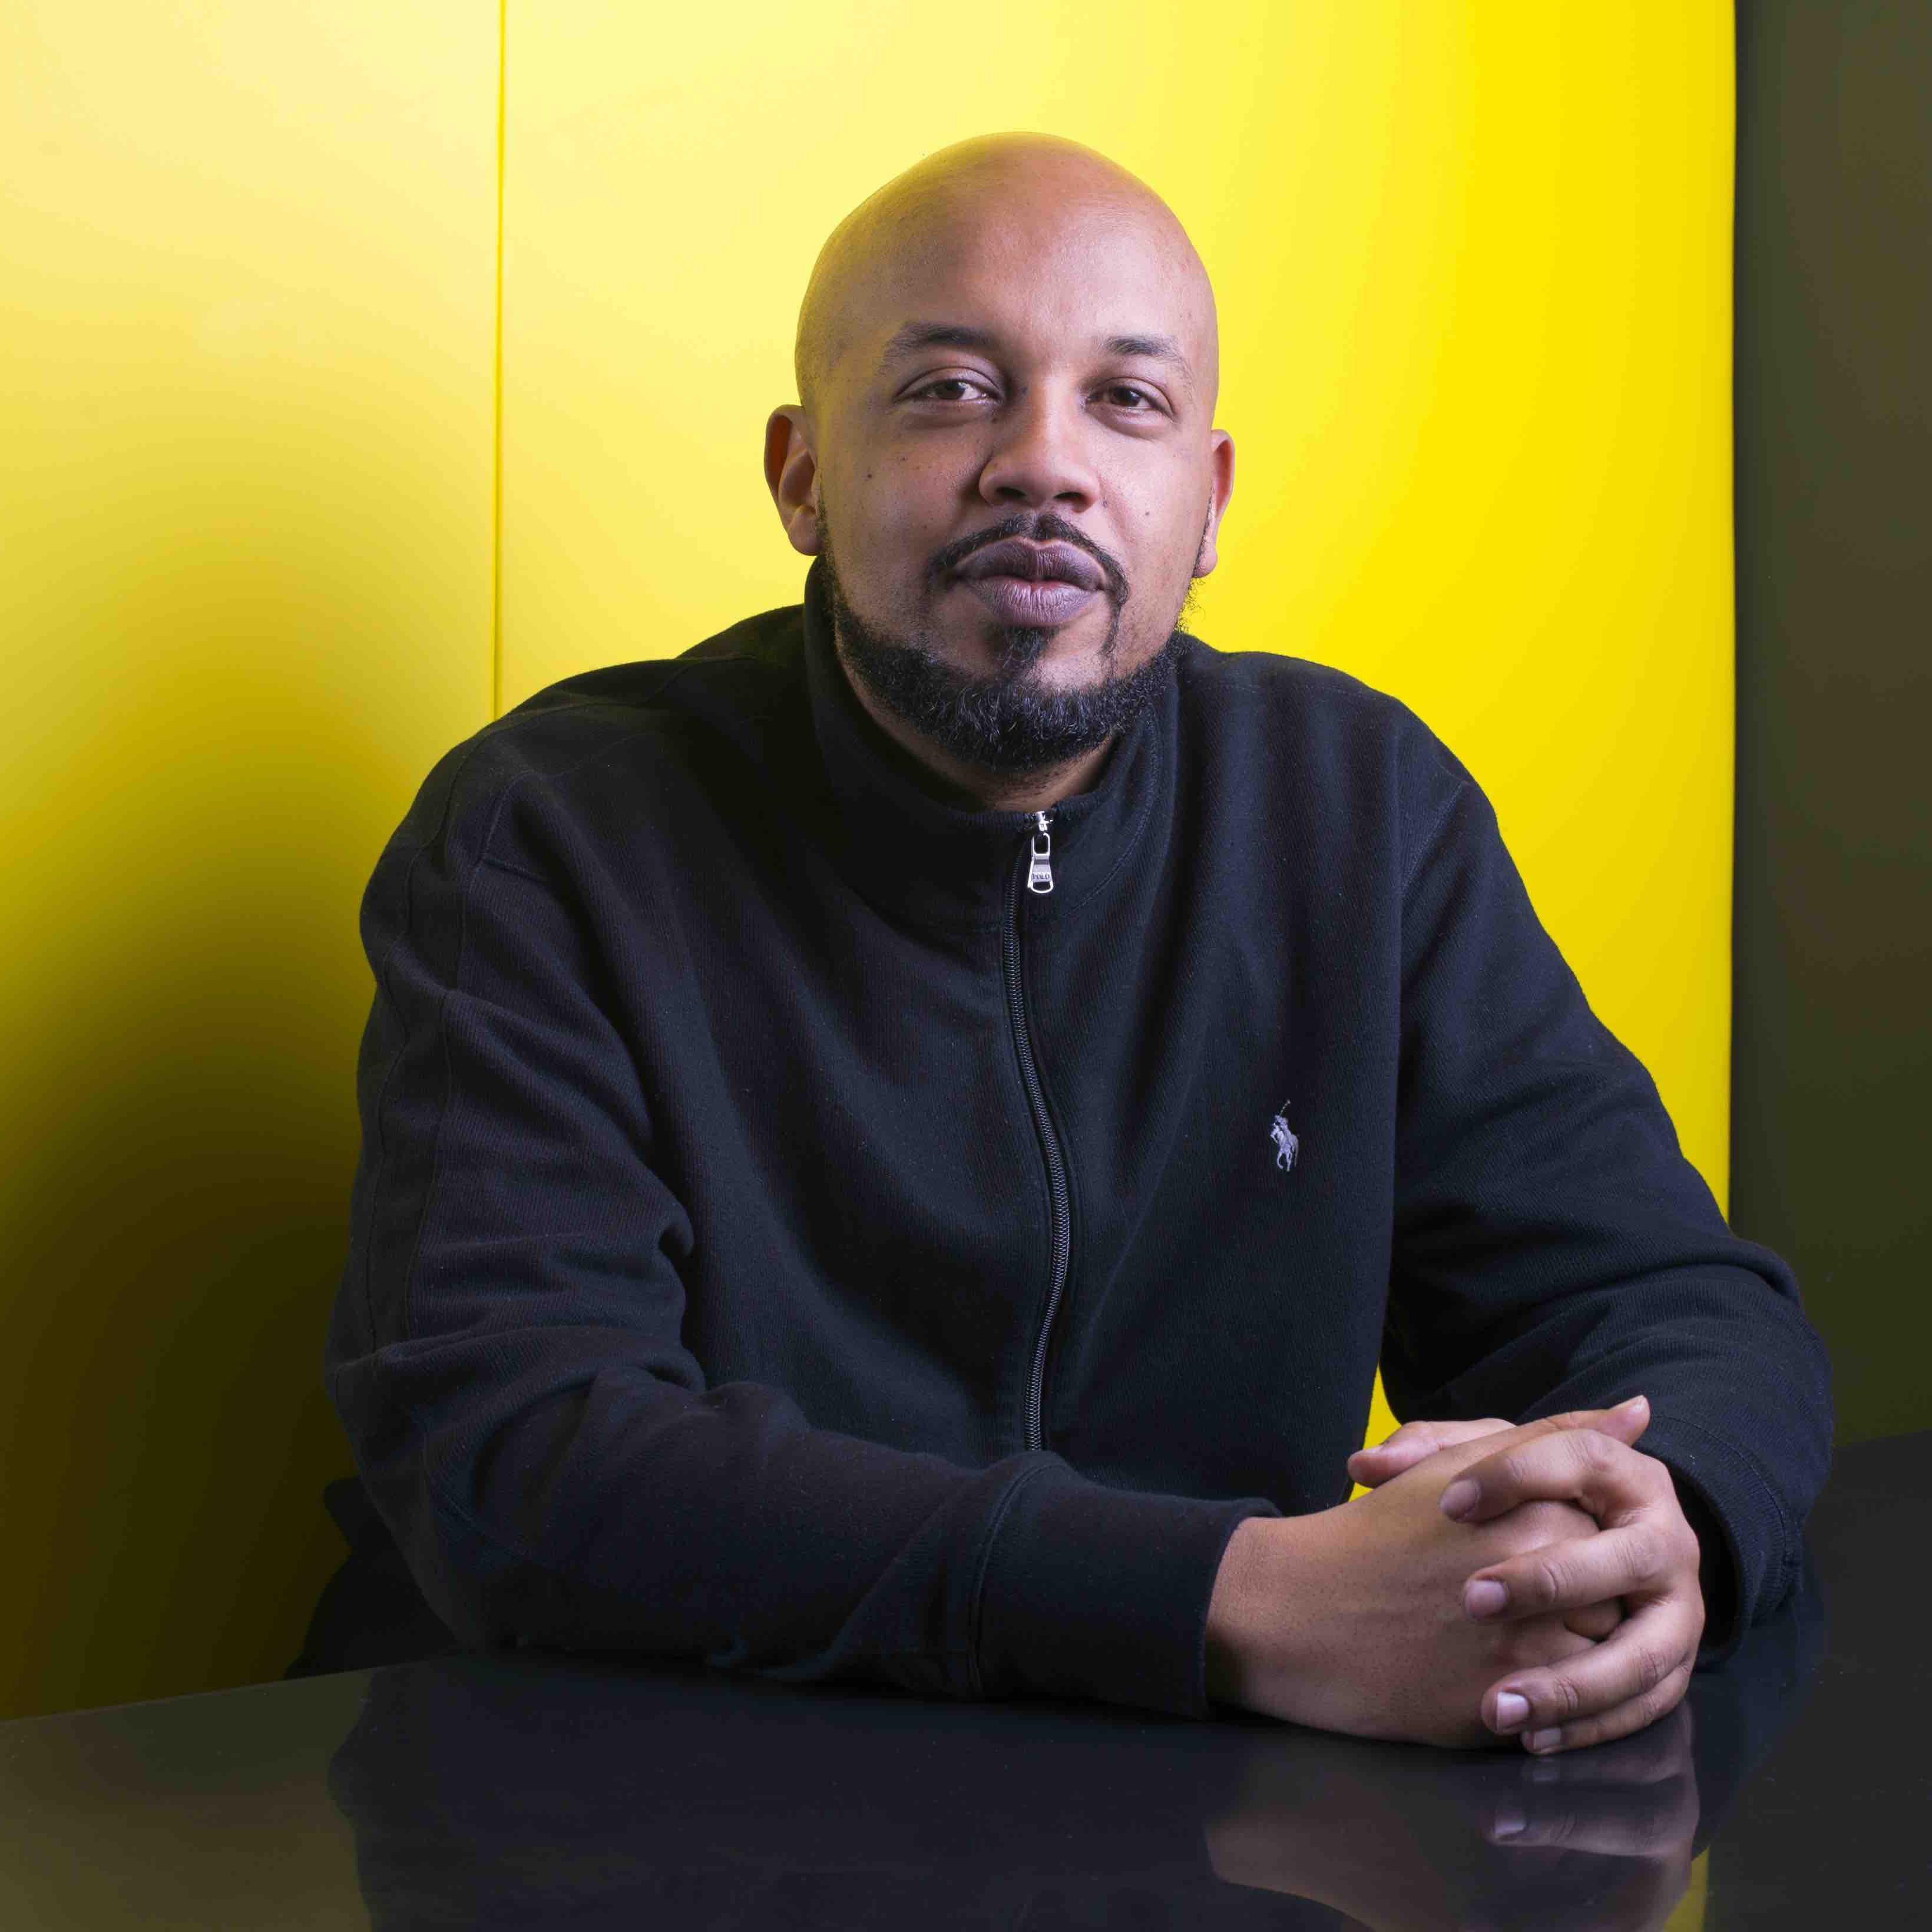 Uma semana acompanhando o trabalho de Tuma Basa, que se dedica à cultura e música negras no YouTube